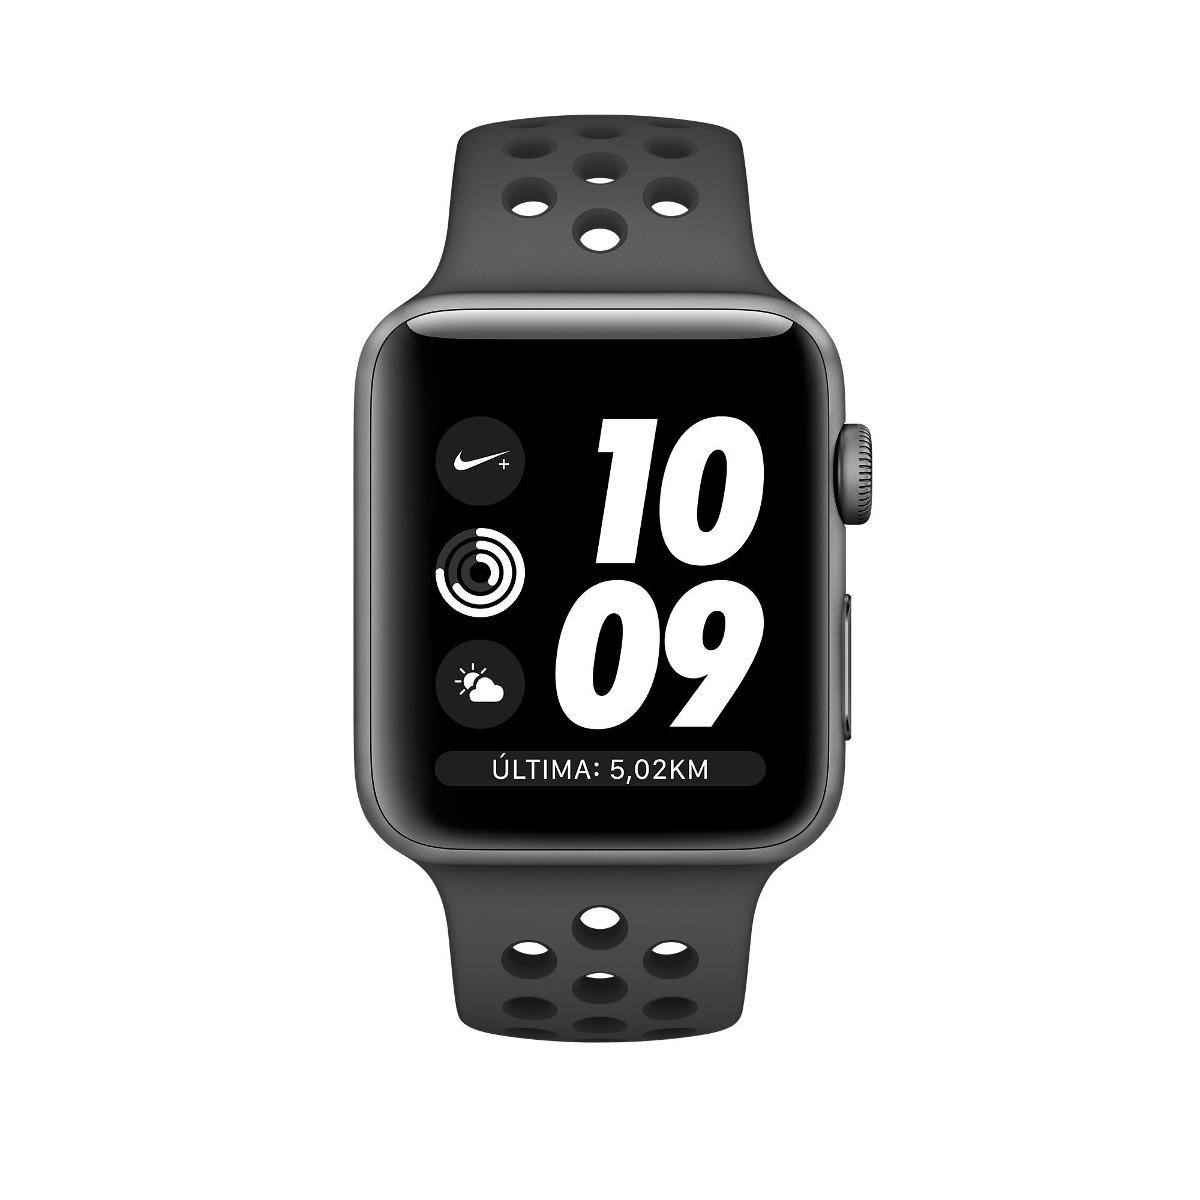 57627844aae apple watch s3 nike 42mm gps cinza espacial pulseira preta. Carregando zoom.